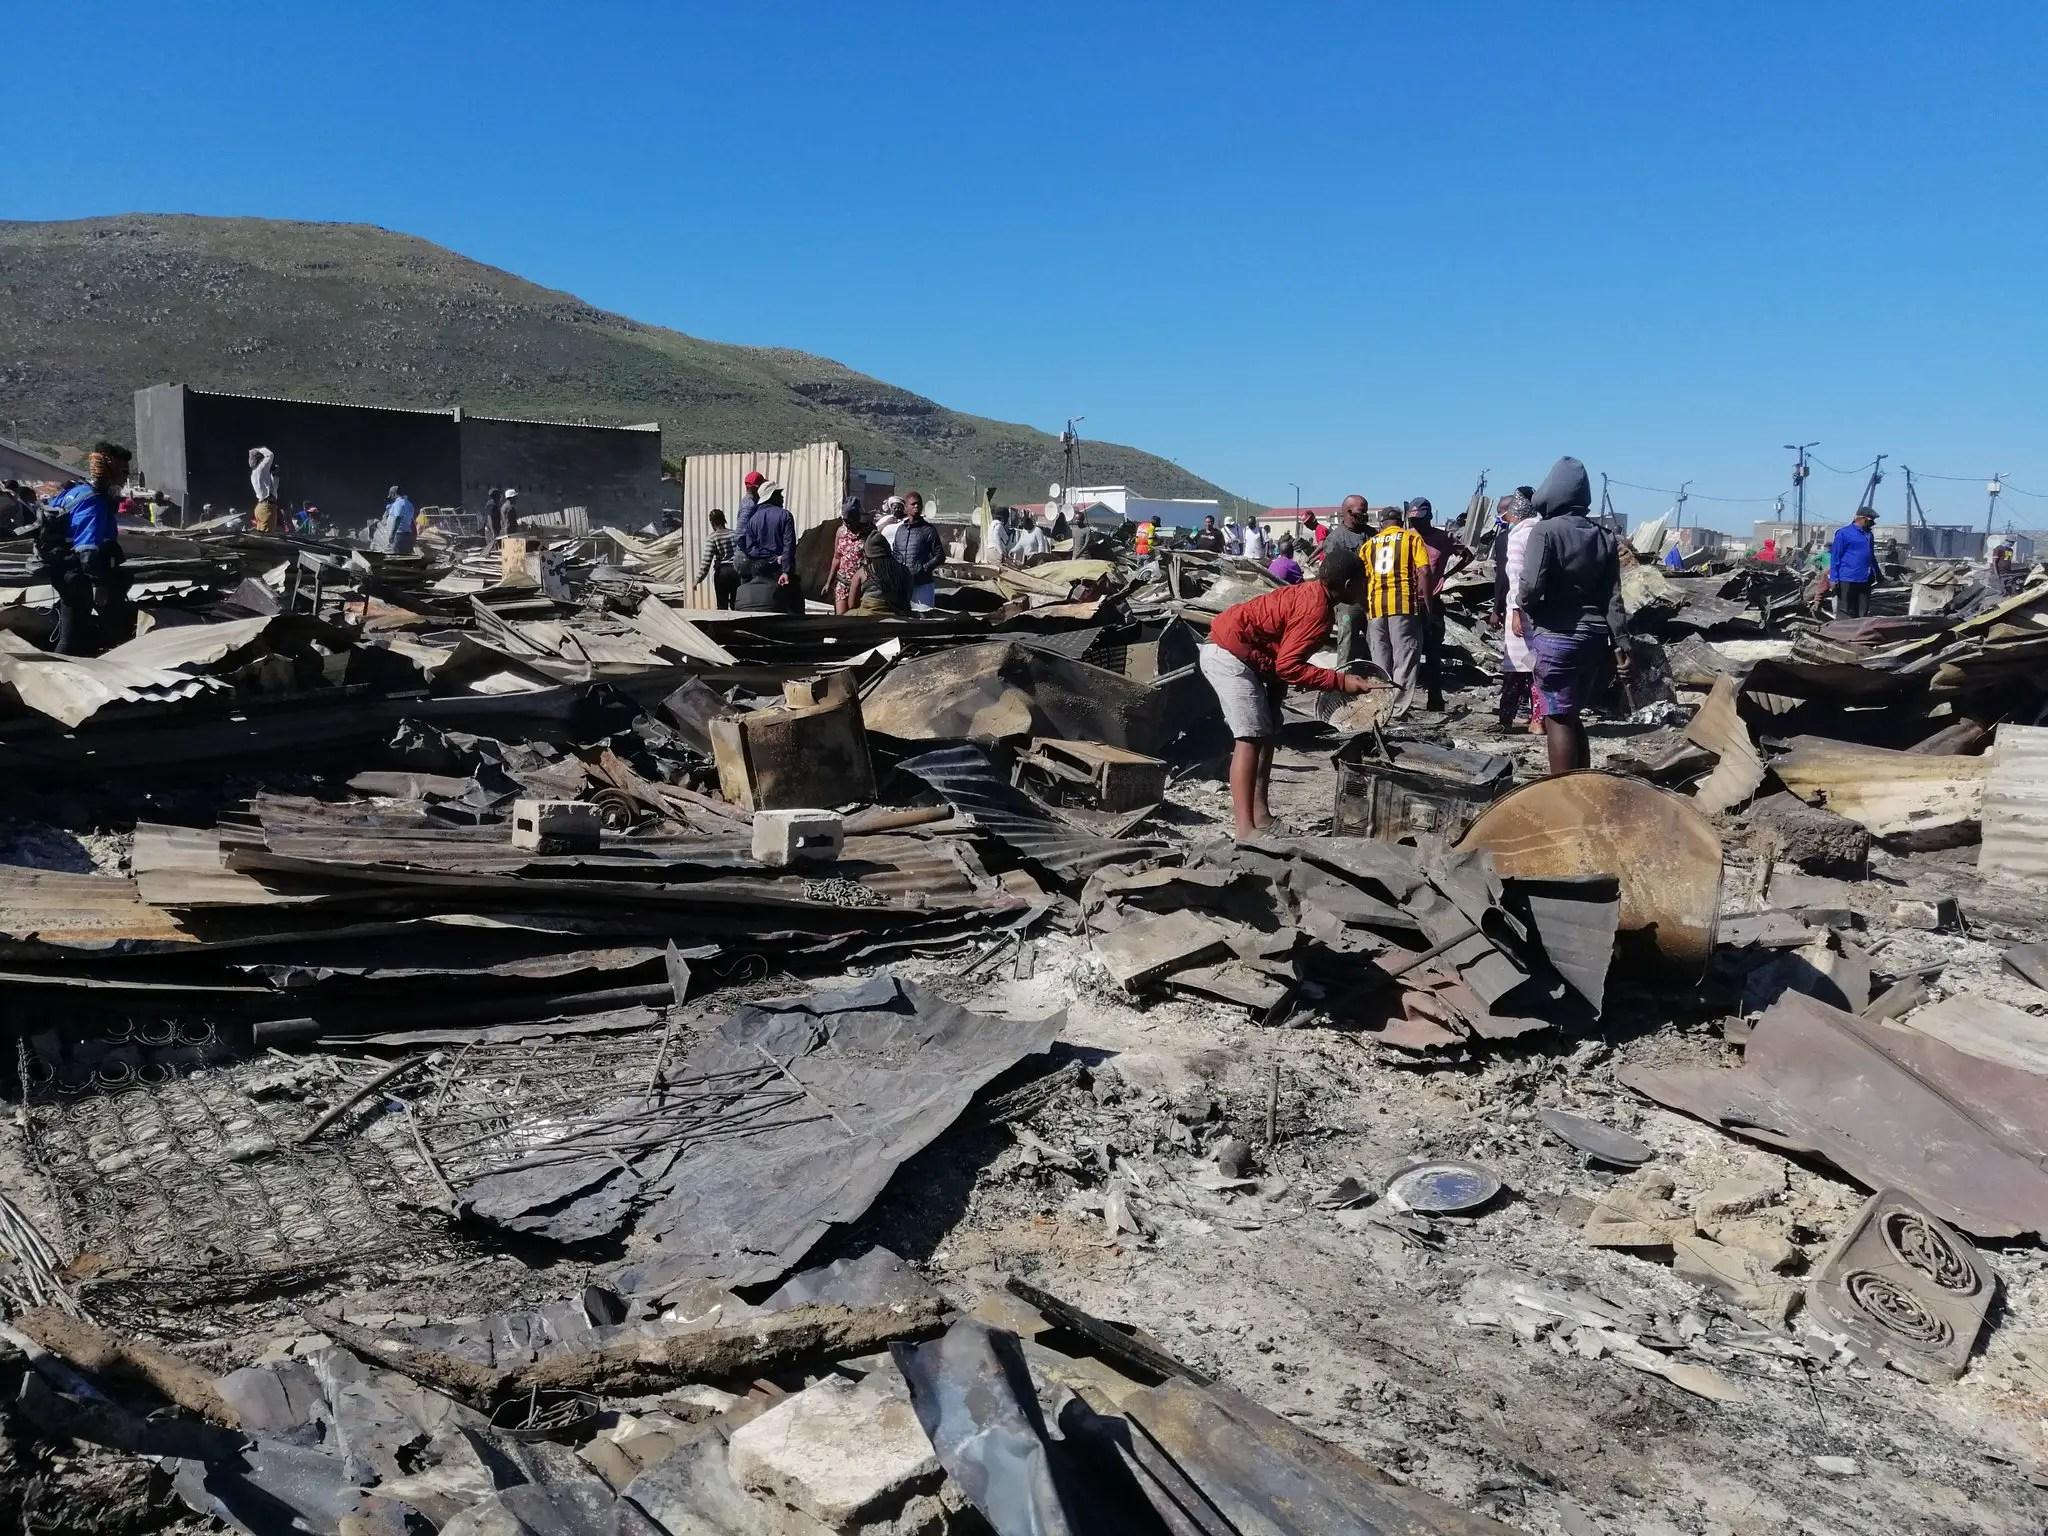 Masiphumele shack fire